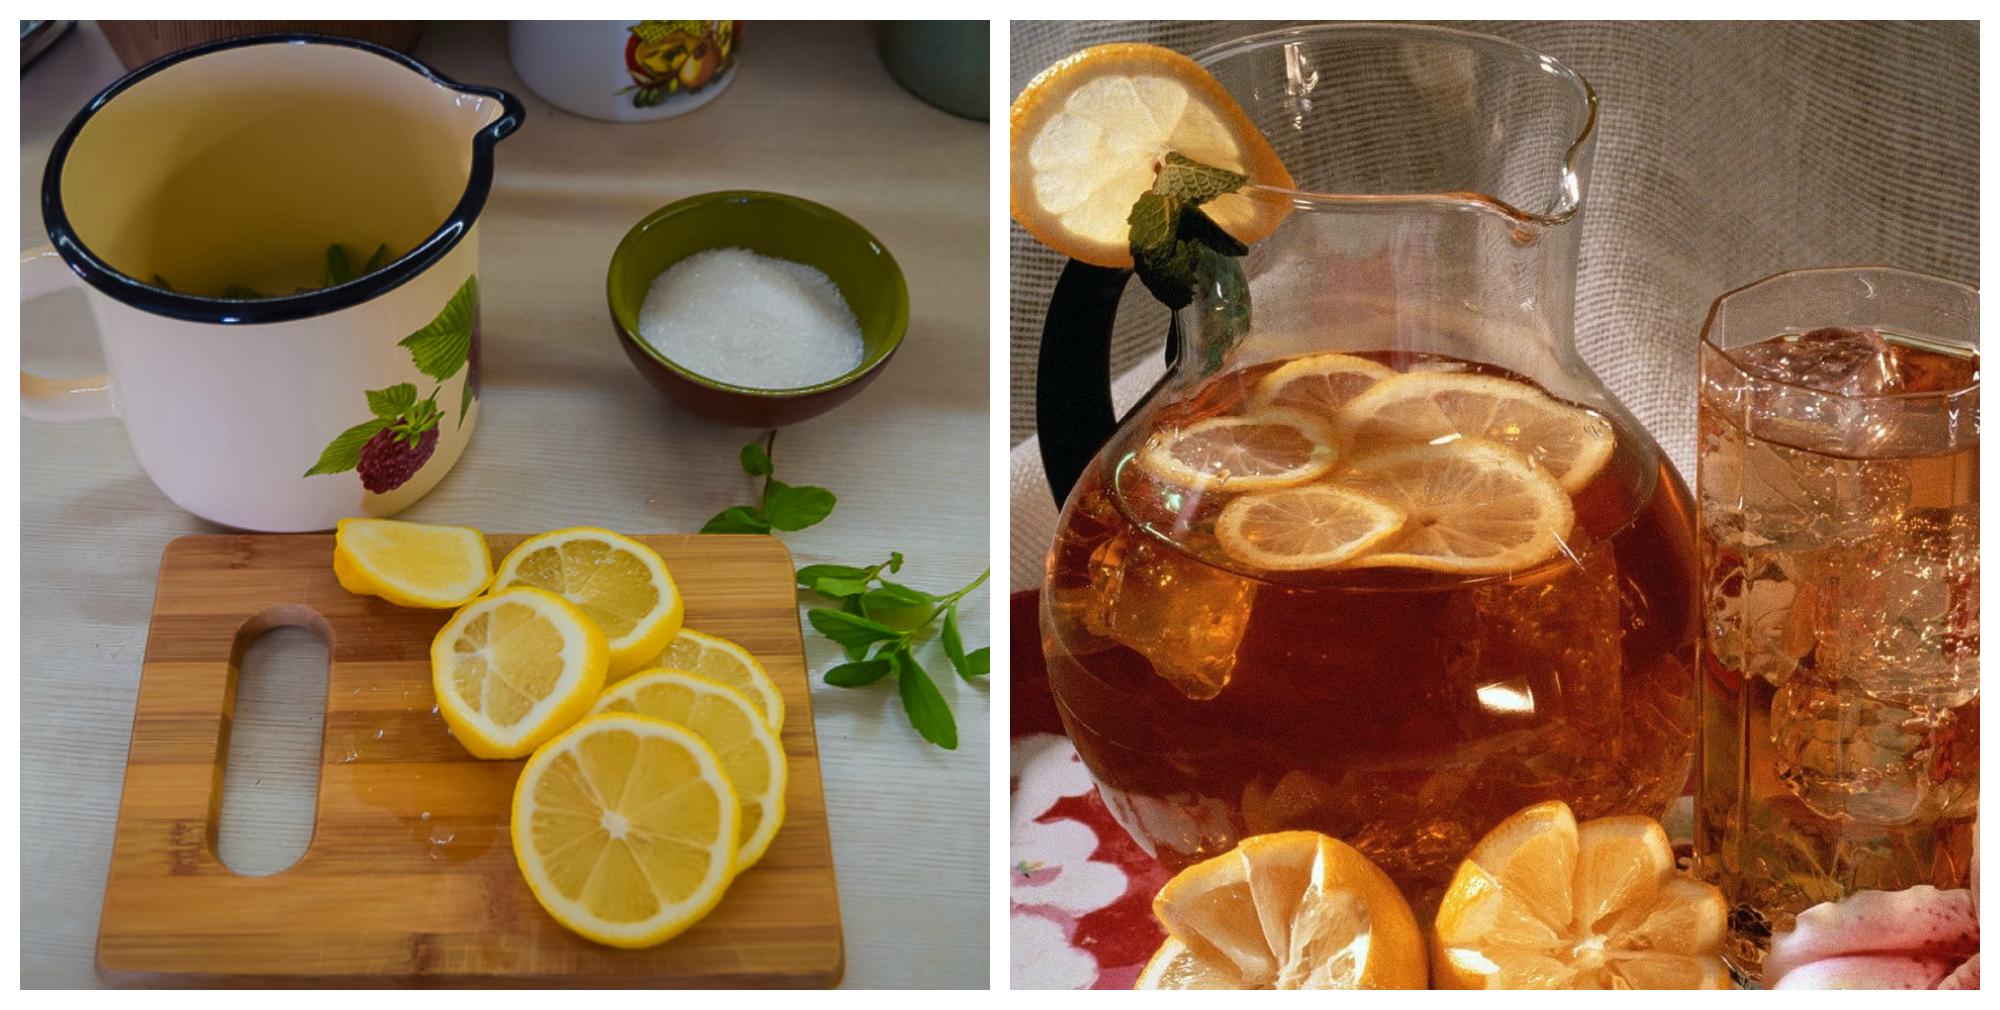 Картинки прикольные чай с лимоном, одноклассники медведь